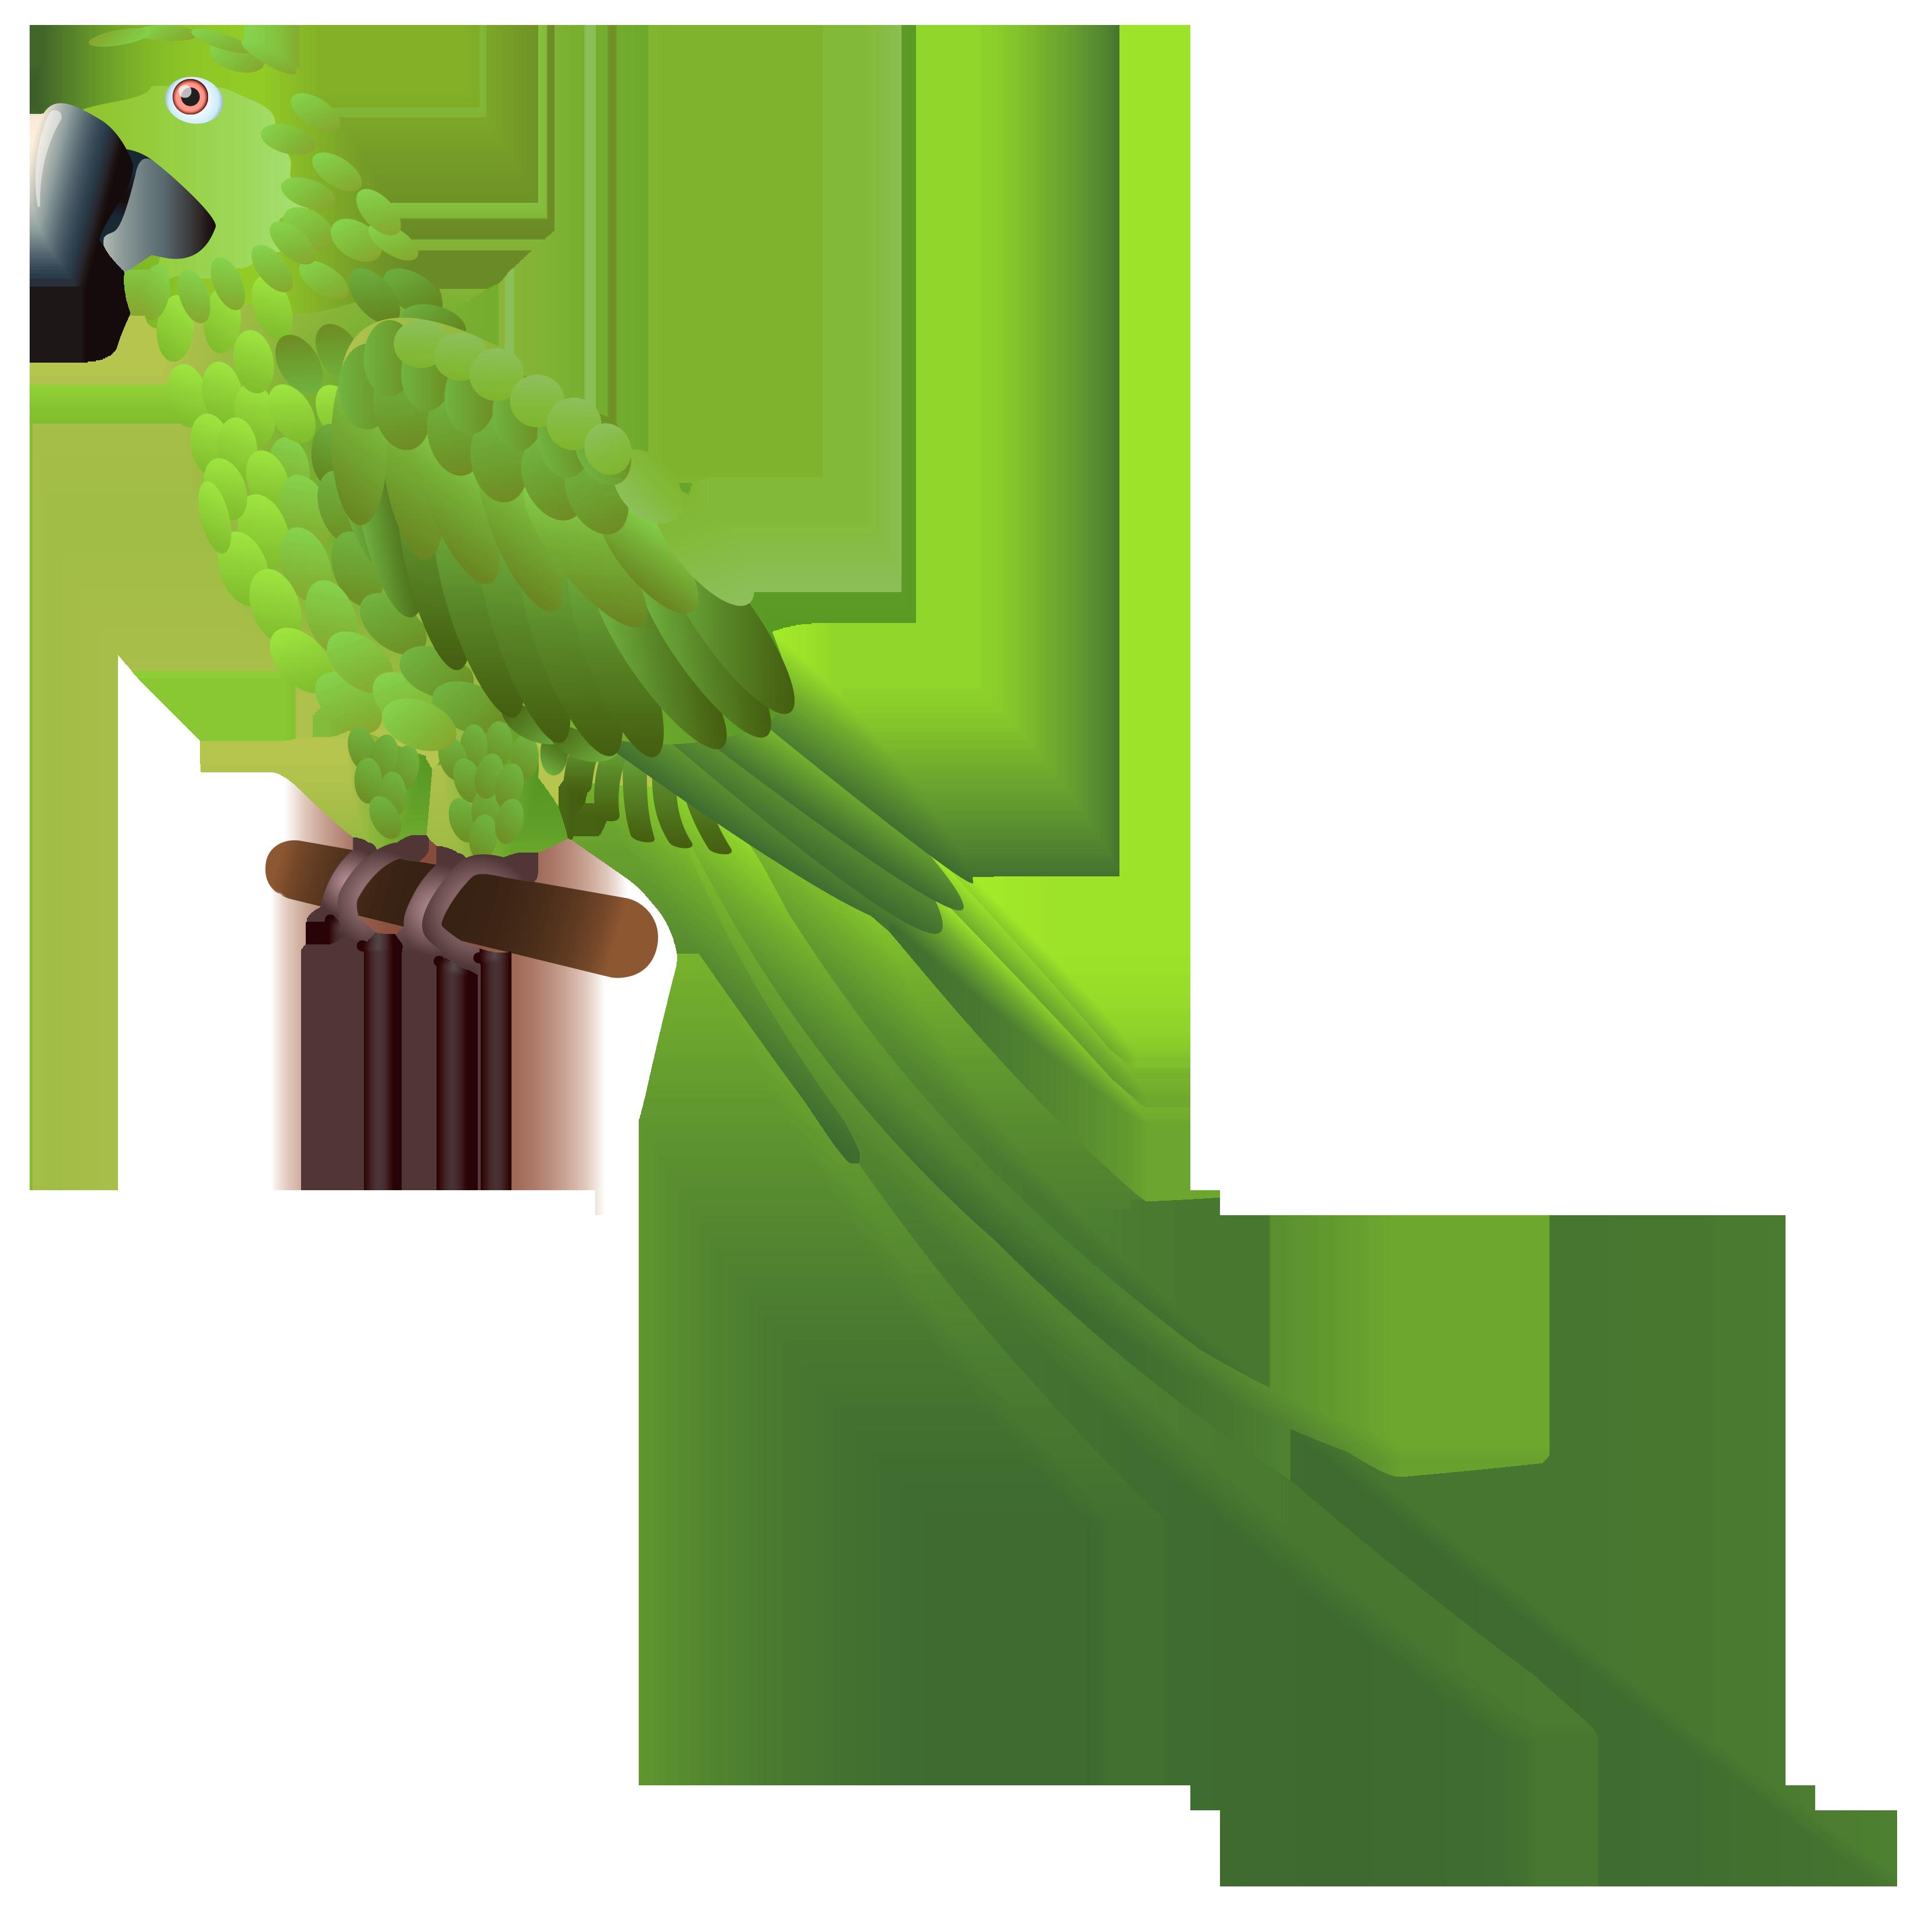 Parrot clipart beach. Green png best web